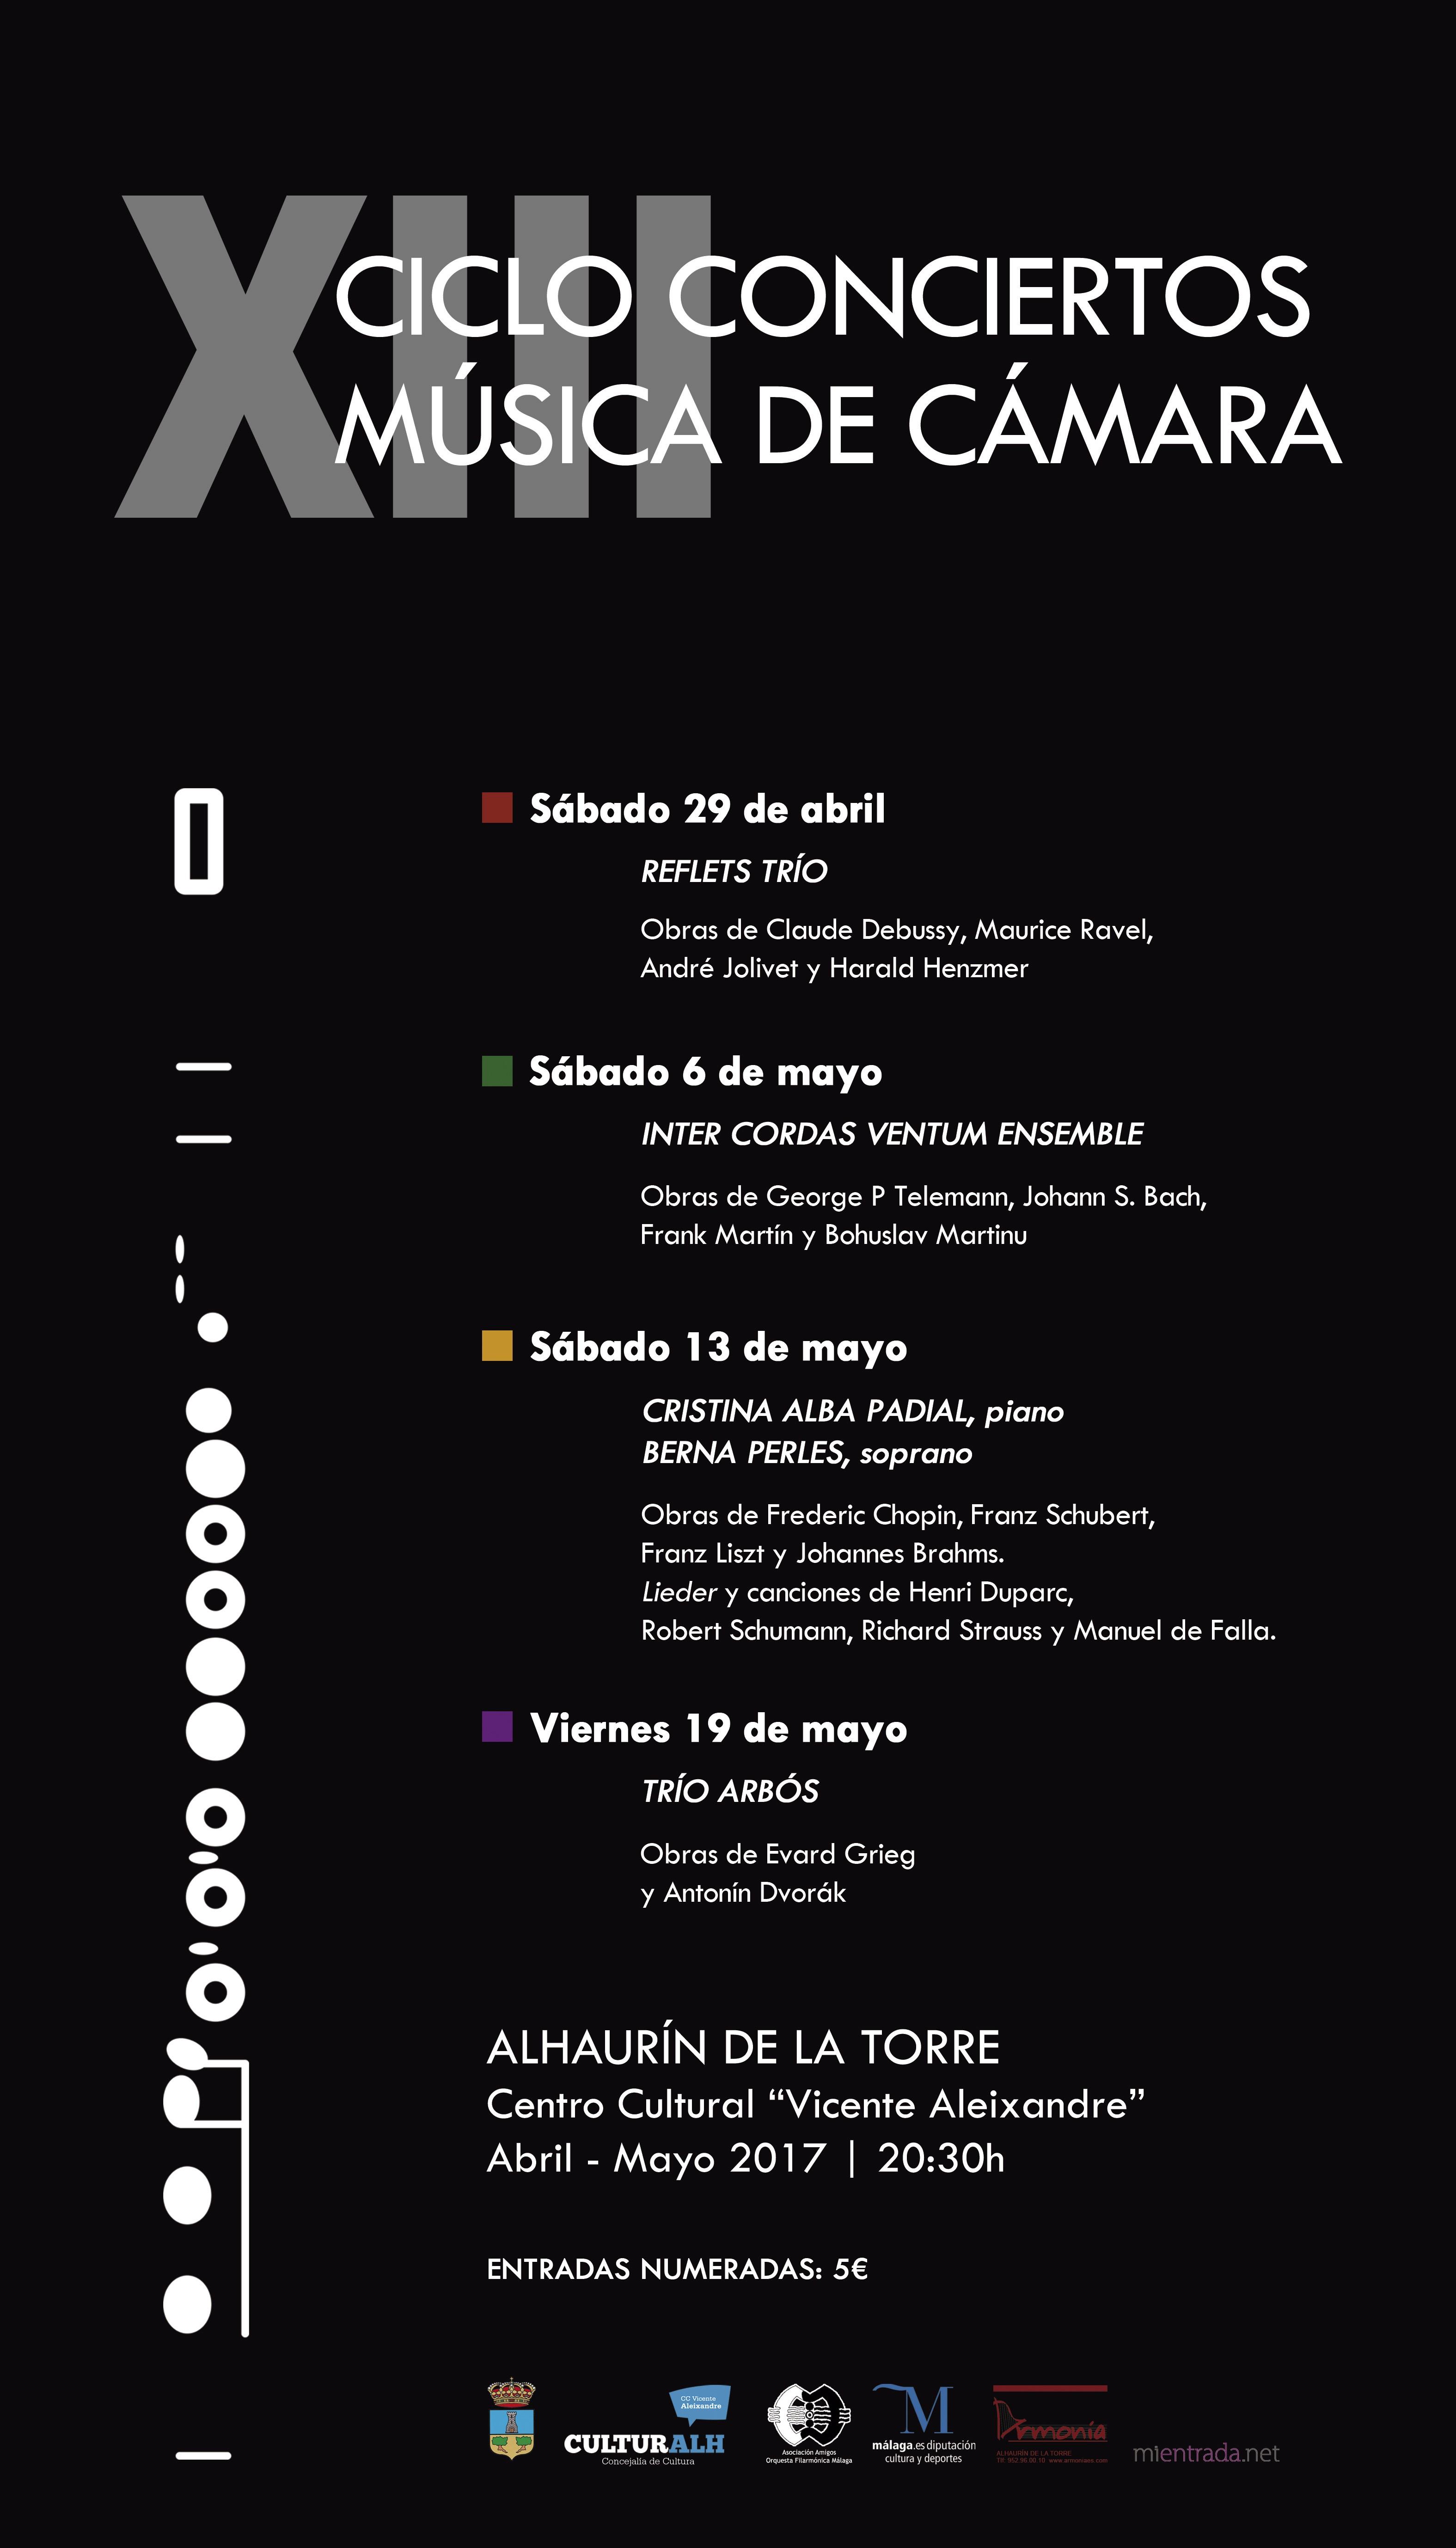 Calendario 2019 Con Festivos asturias Más Arriba-a-fecha El Giraldillo todos Los eventos Del 19 De Mayo En andaluca